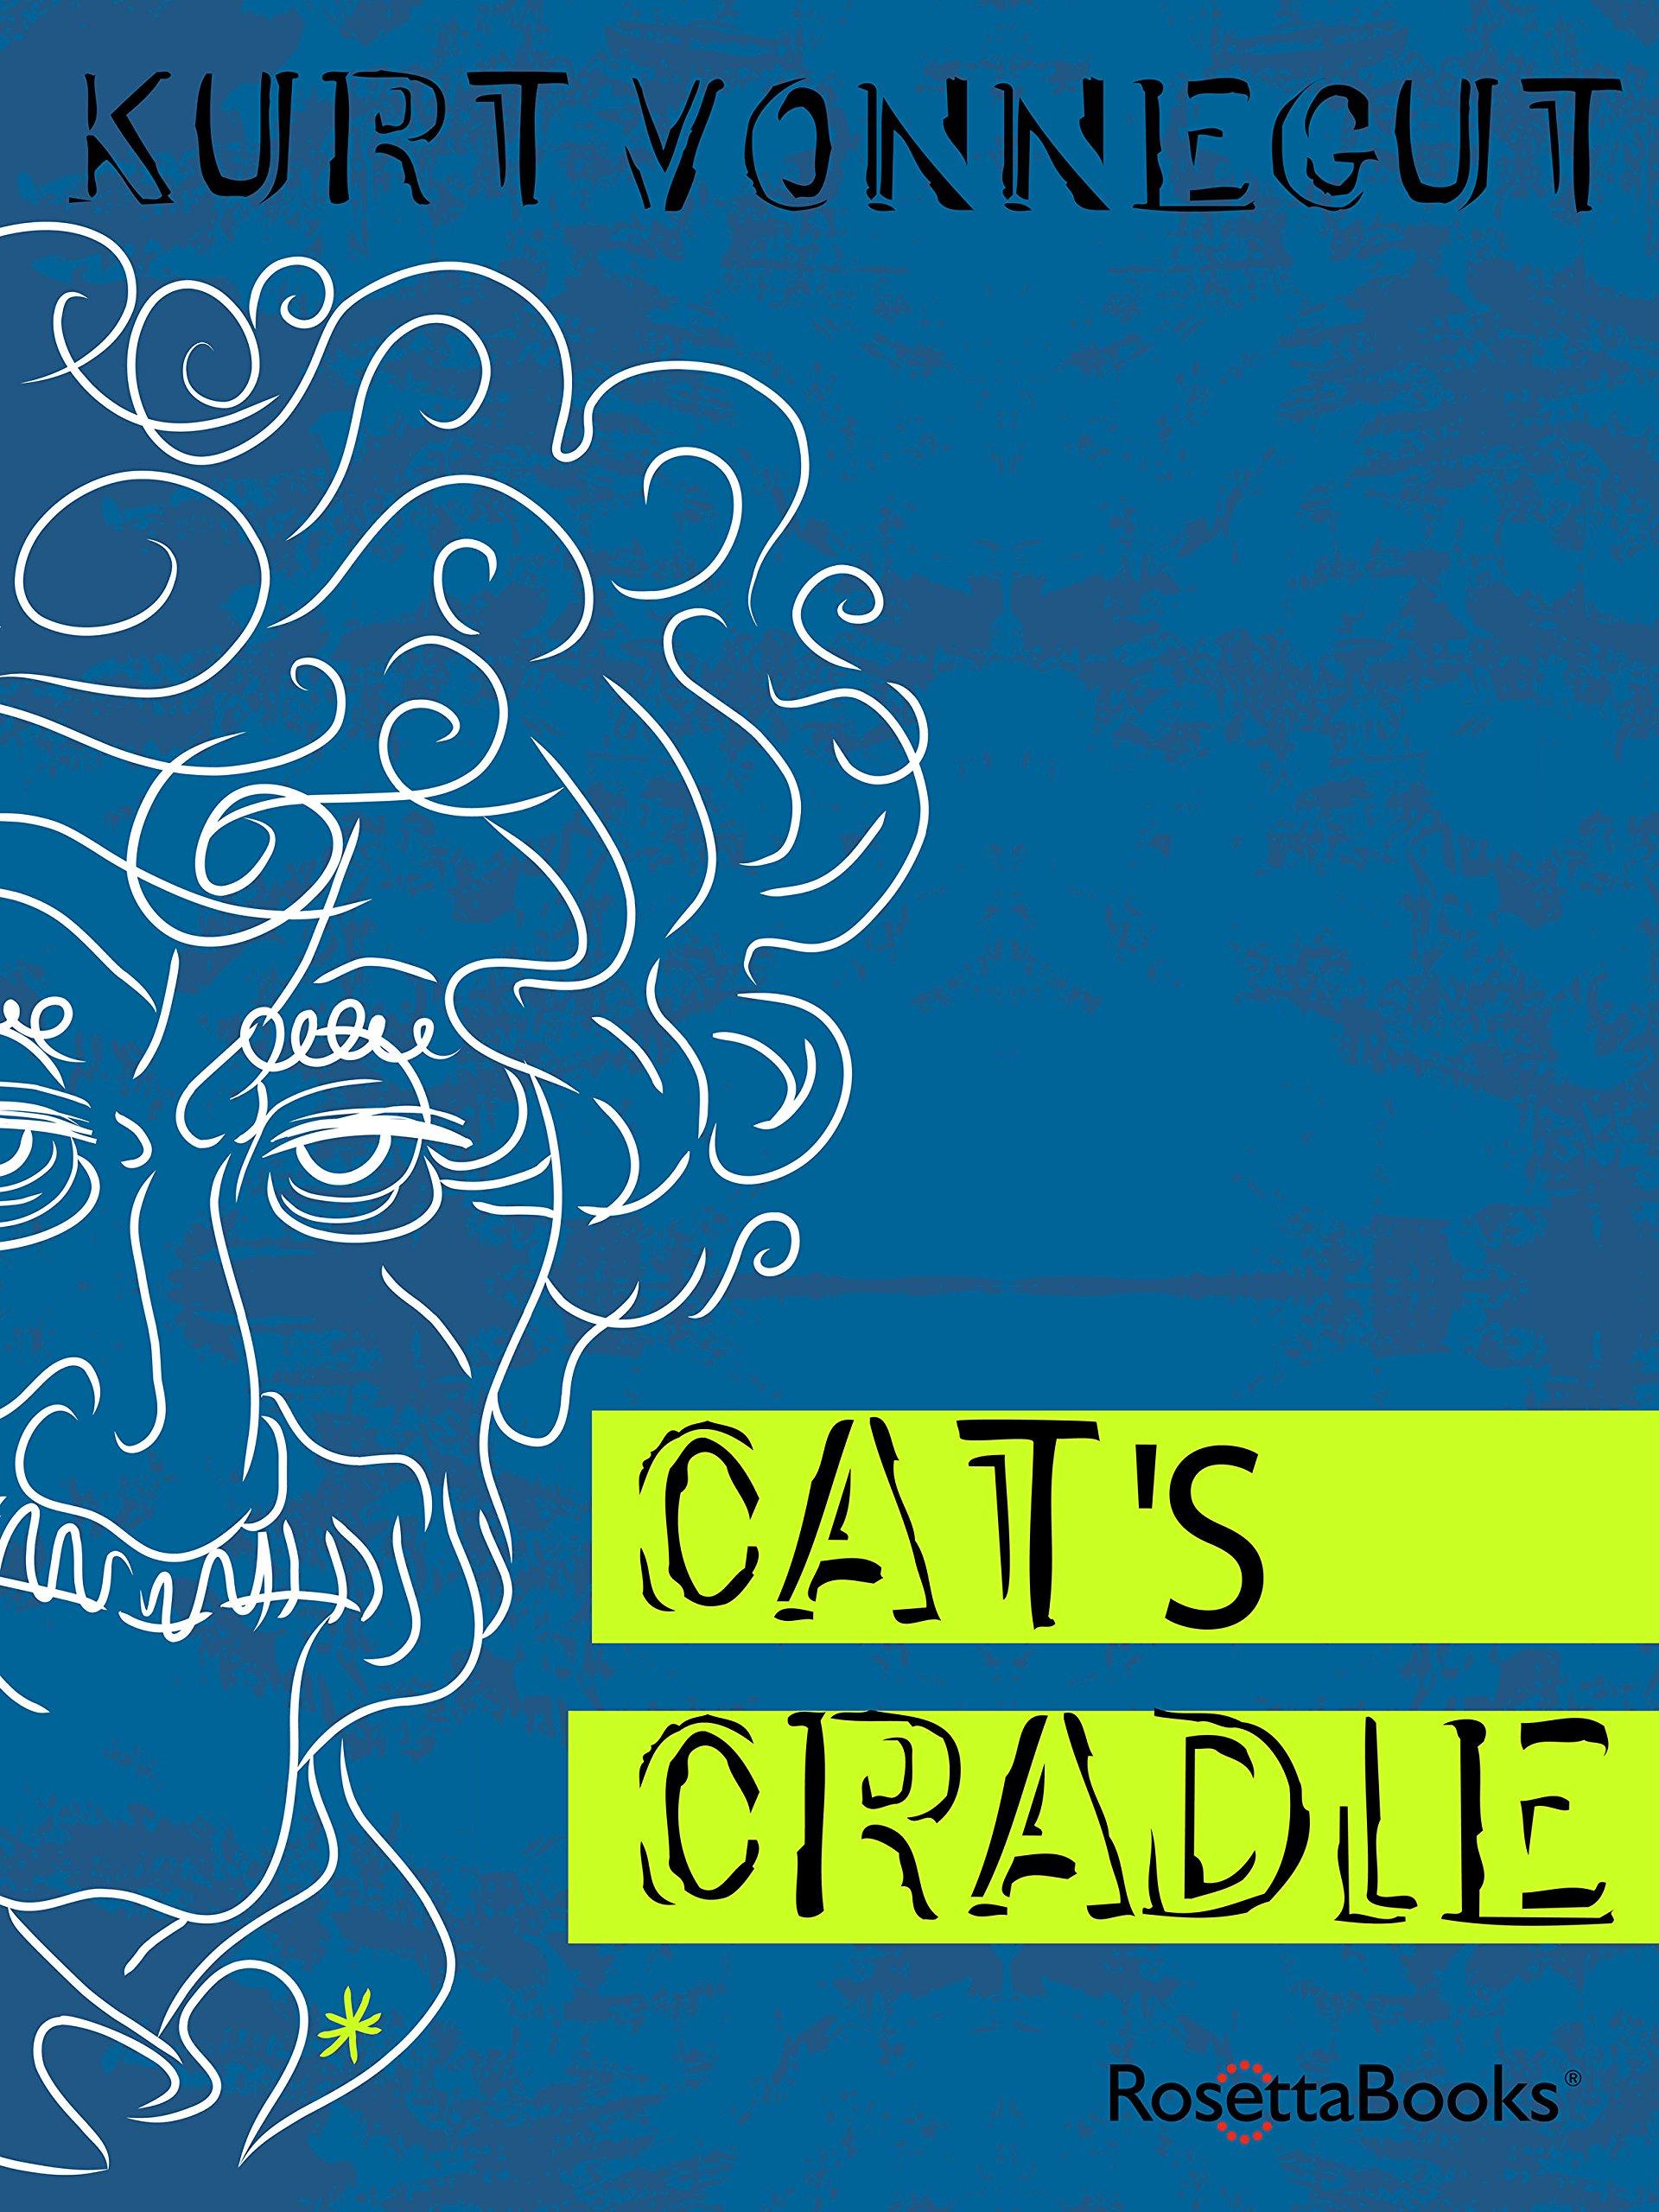 Cat's Cradle.jpg